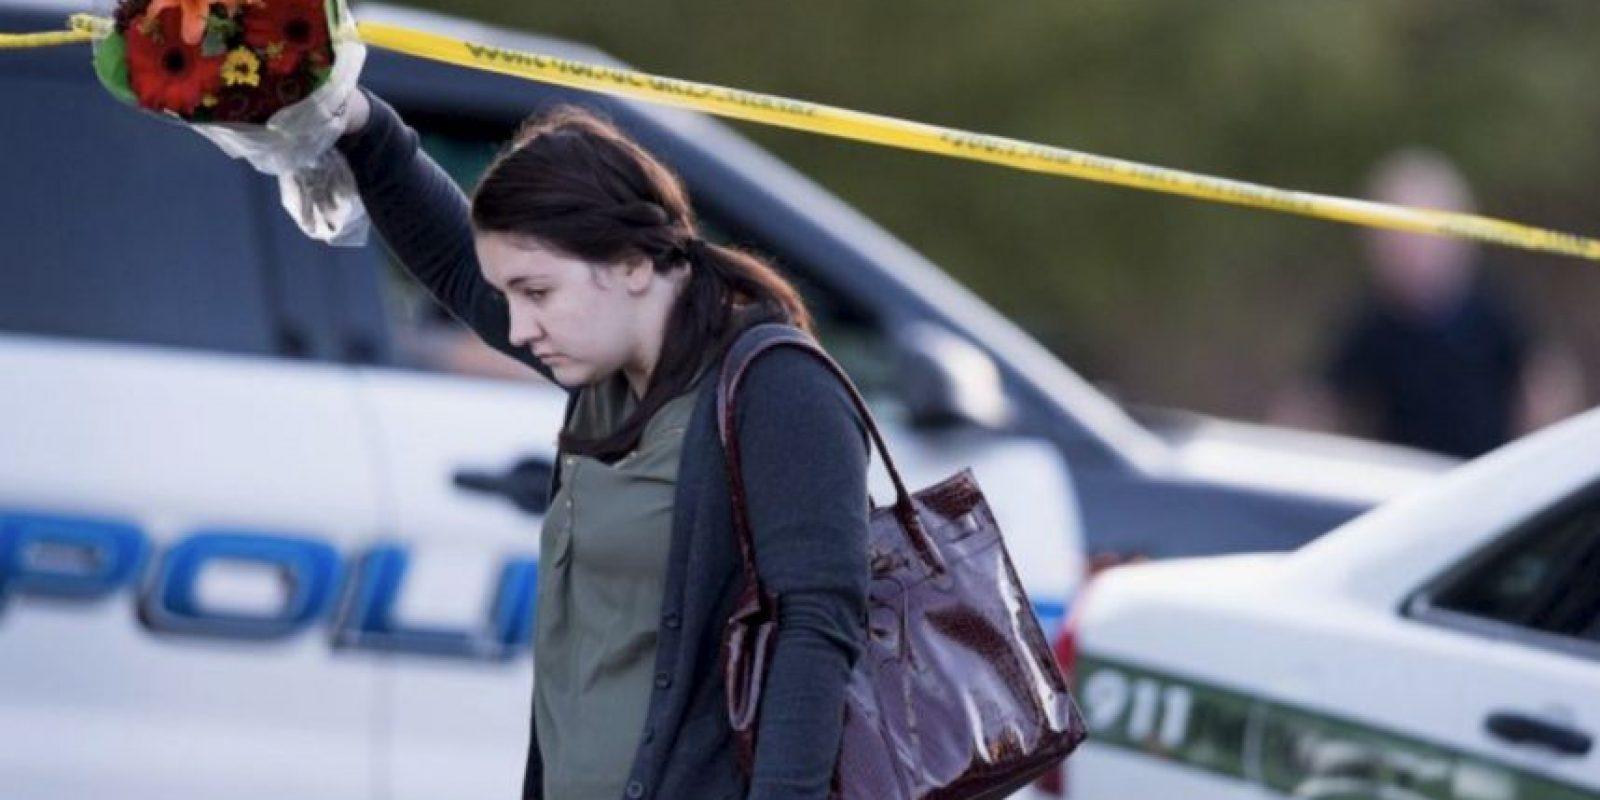 8 de agosto- Ocho personas, incluidos tres niños, fueron halladas sin vida en una casa en Houston, Texas. El tirador fue identificado como David Conley, de 48 años. Este atacó a la familia por una disputa con su exnovia, quien fue una de las víctimas fatales. Foto:AFP